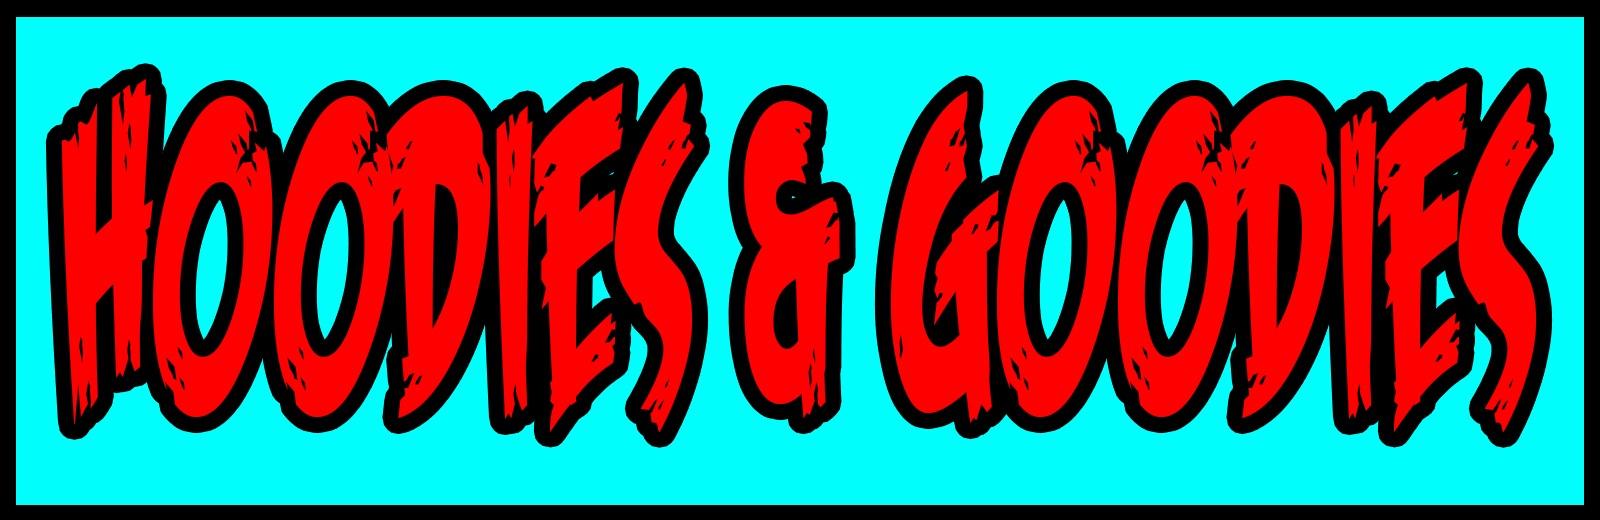 Hoodies&Goodies Store